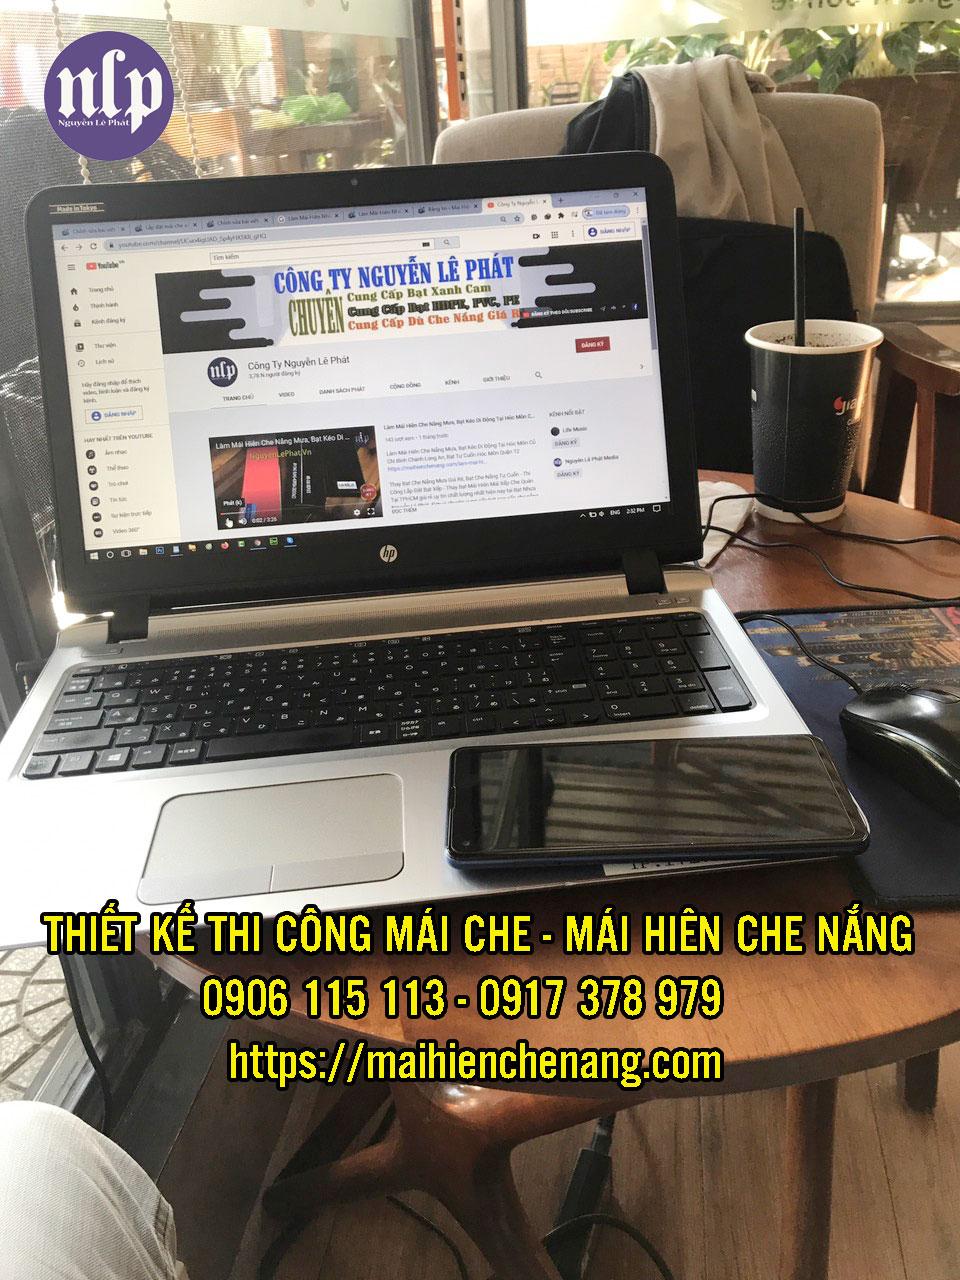 Bạt Che Nắng Mưa Giá Rẻ Quận 7 TPHCM #1 Uy Tín